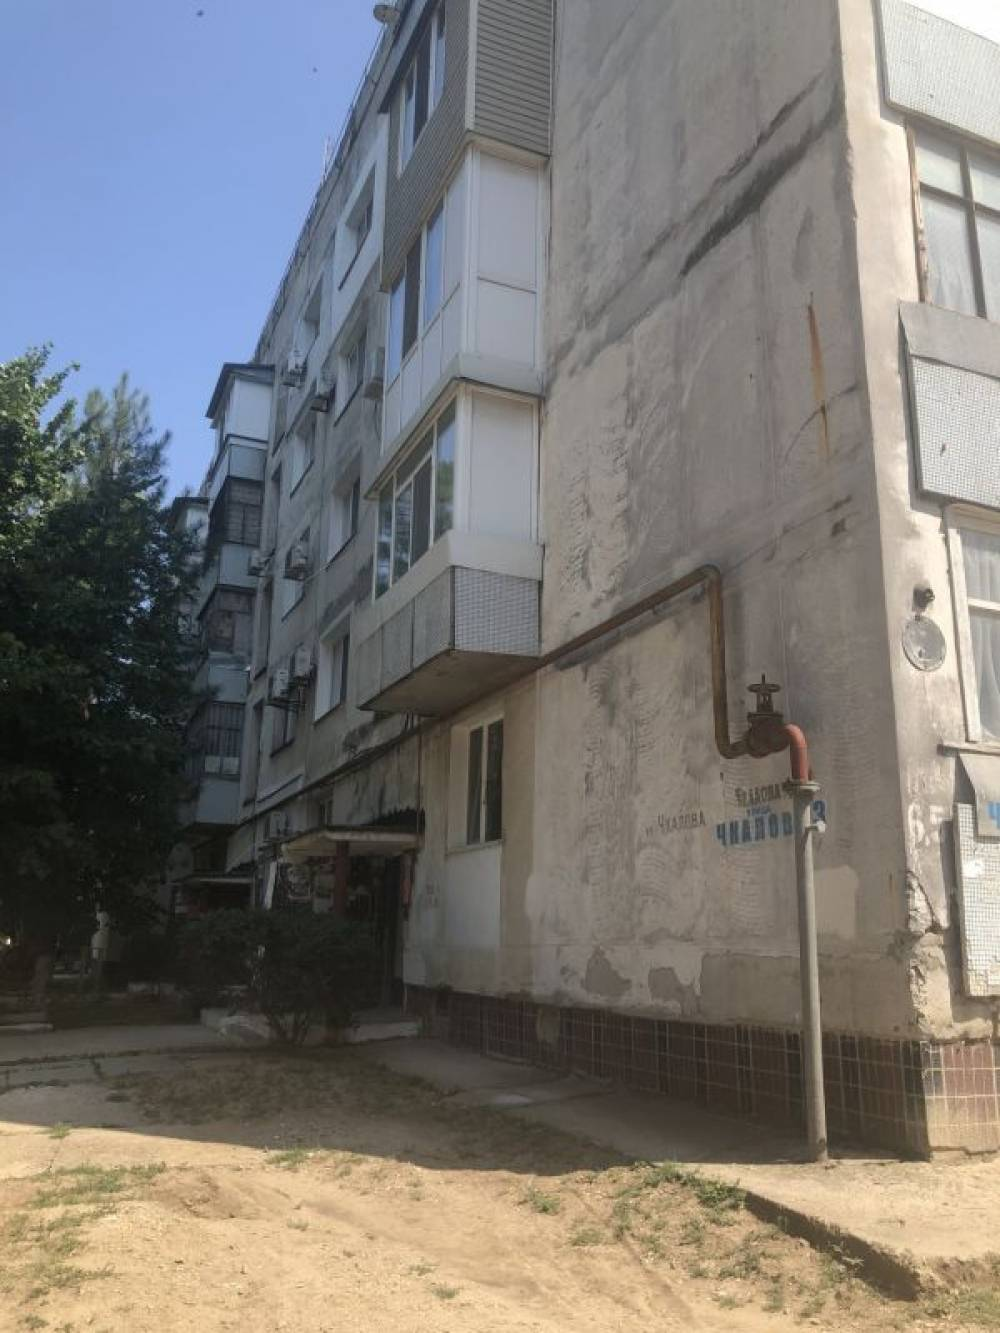 Проведены осмотры многоквартирных домов в г. Красноперекопске